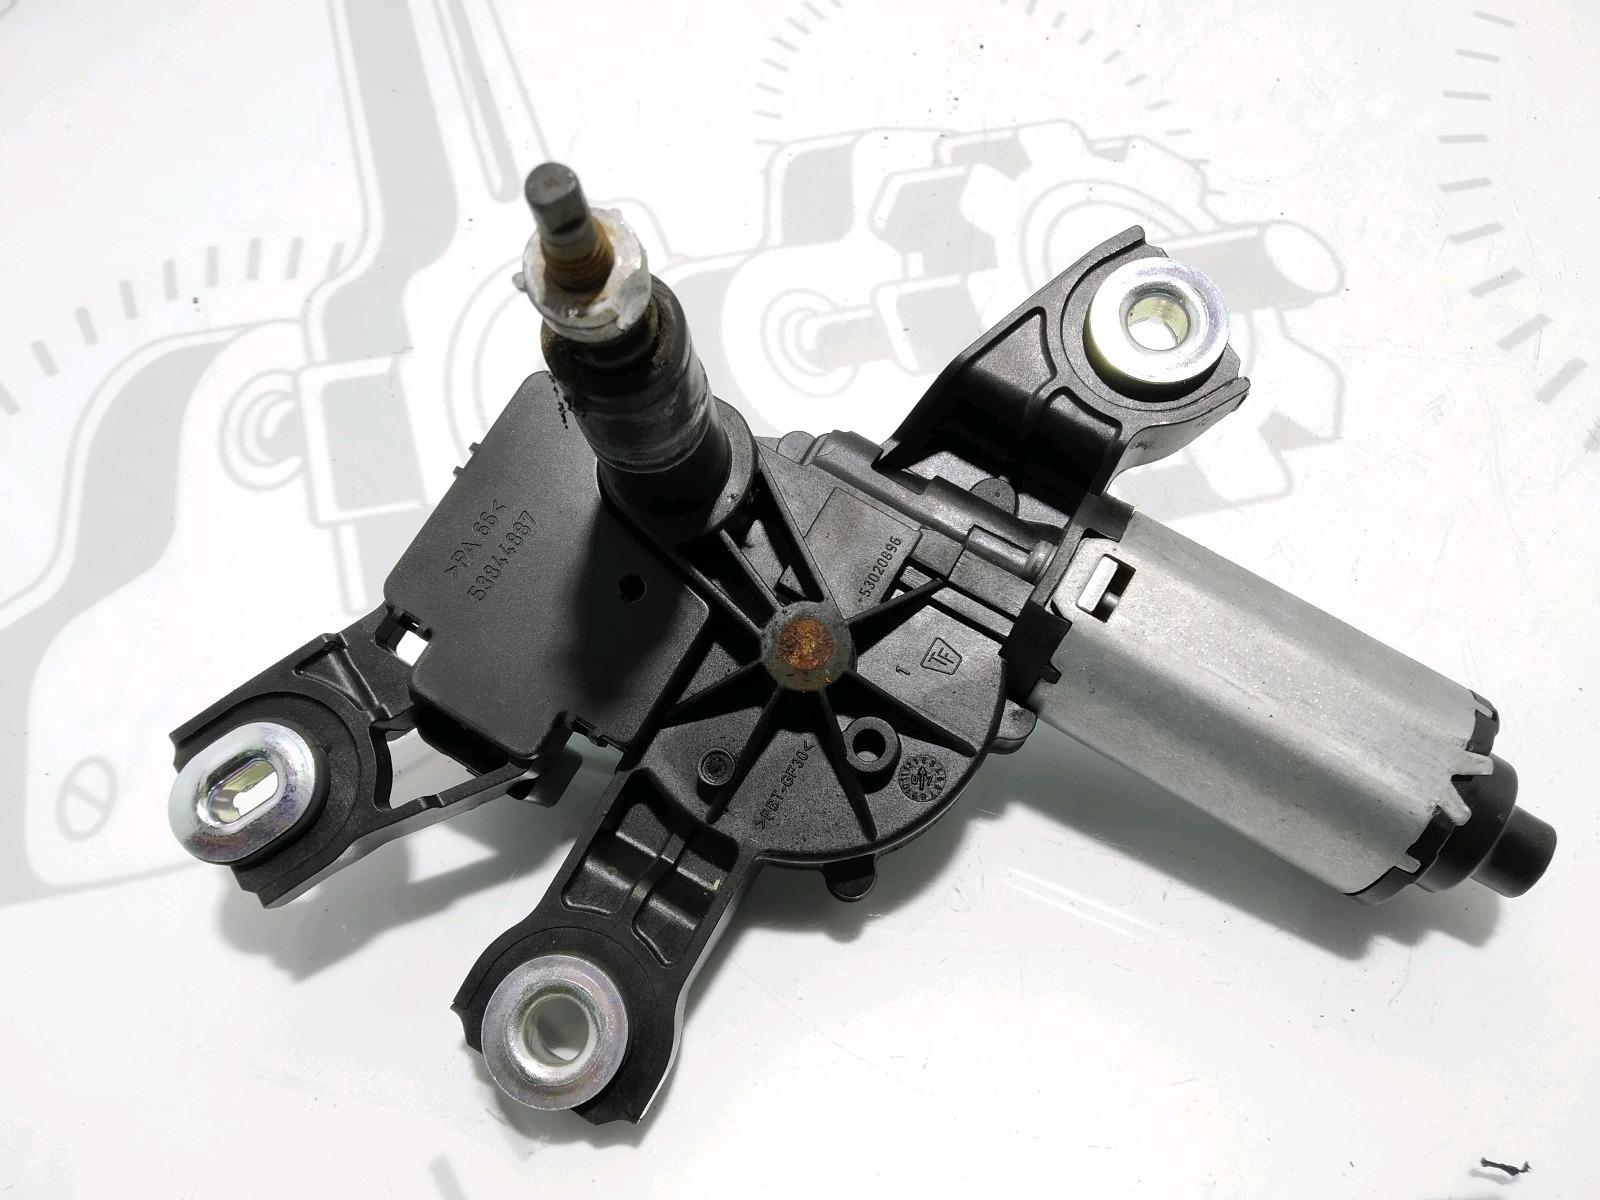 Моторчик заднего стеклоочистителя (дворника) Volkswagen Passat B6 2.0 TDI 2007 (б/у)